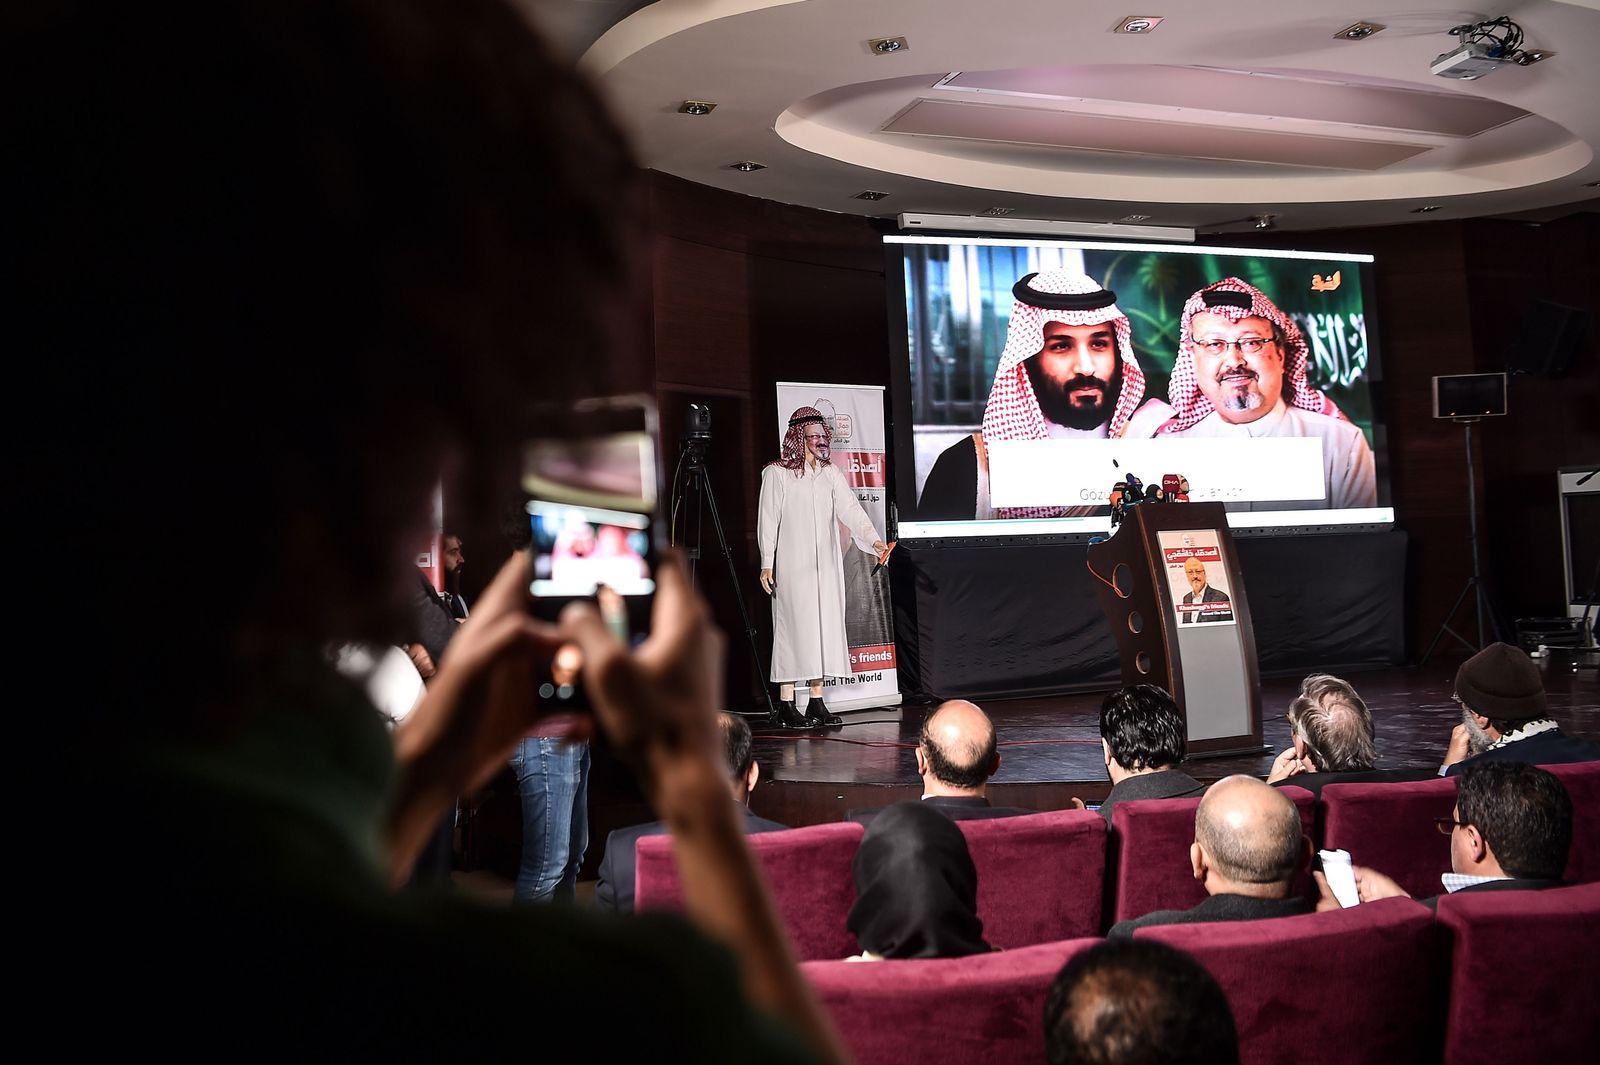 Mohammed bin Salman/ Khashoggi